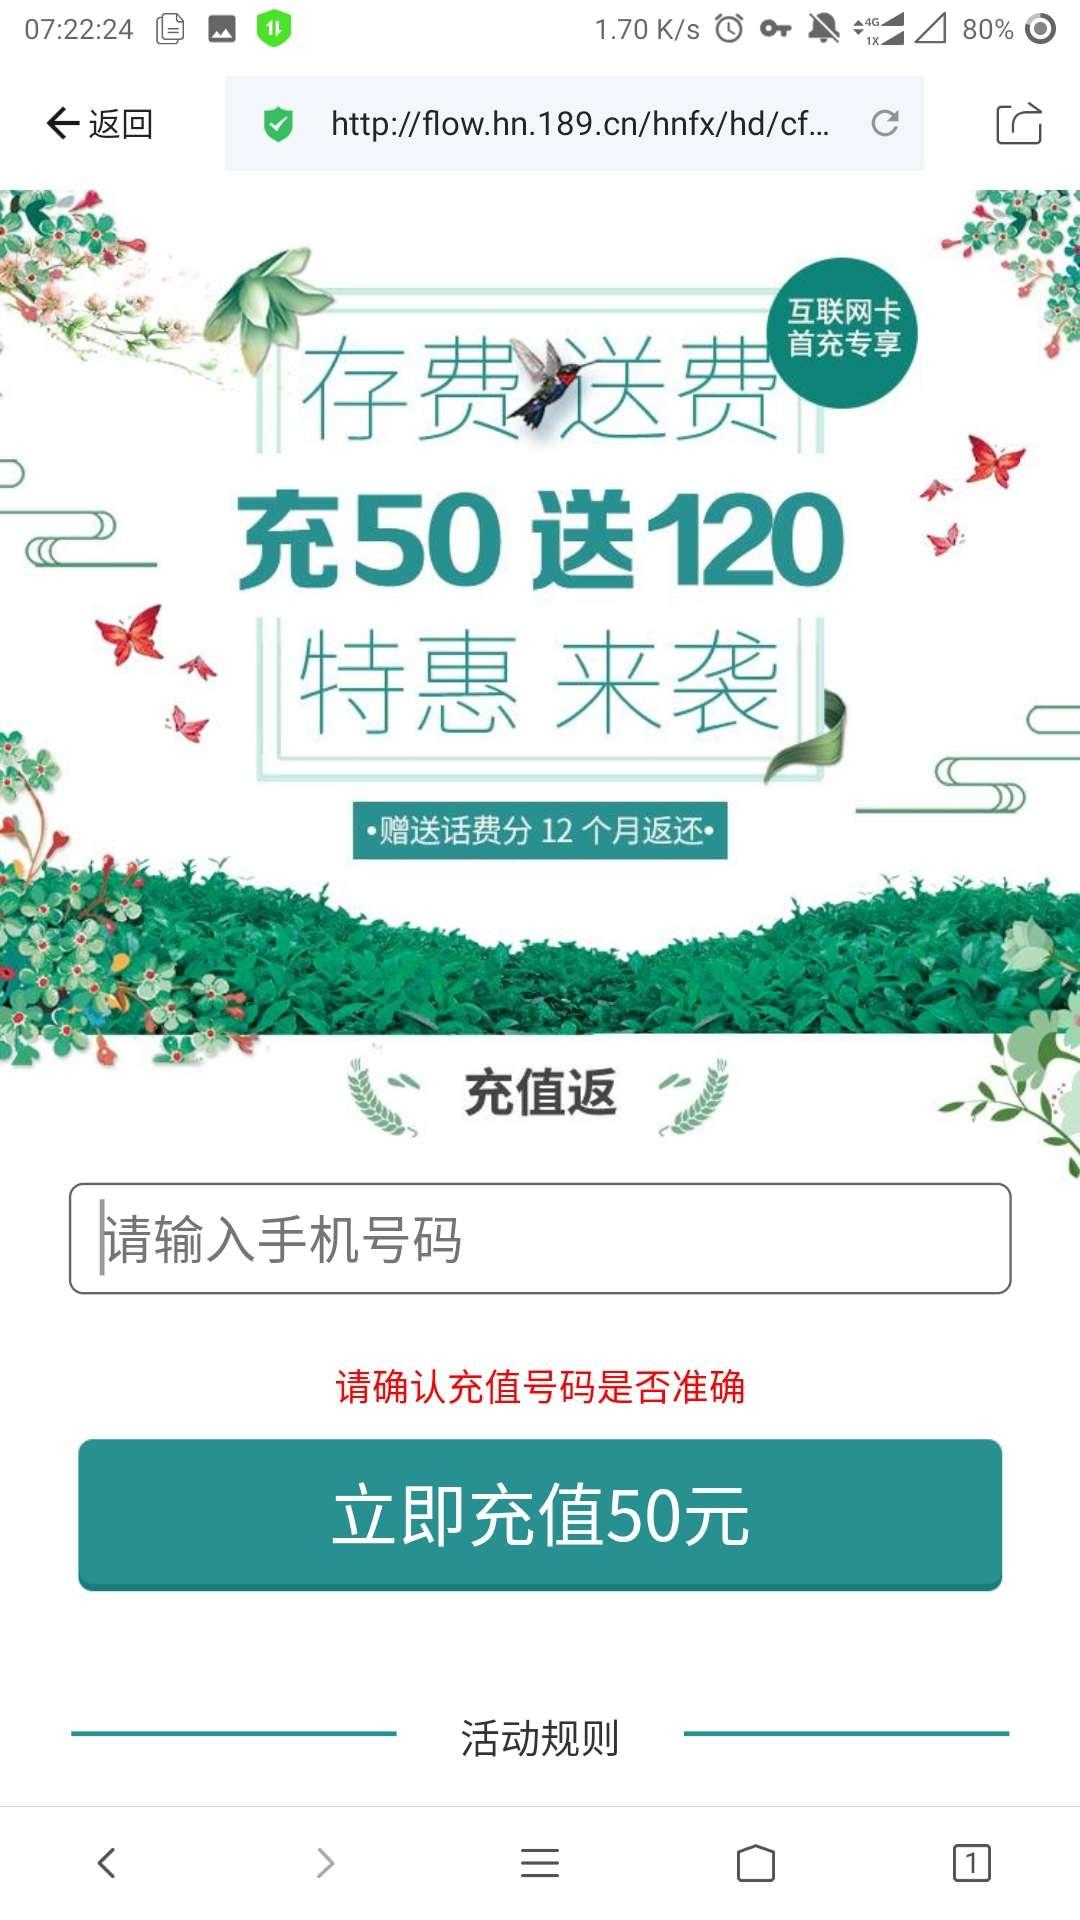 图片[1]-指定互联网卡冲50反120话费-飞享资源网